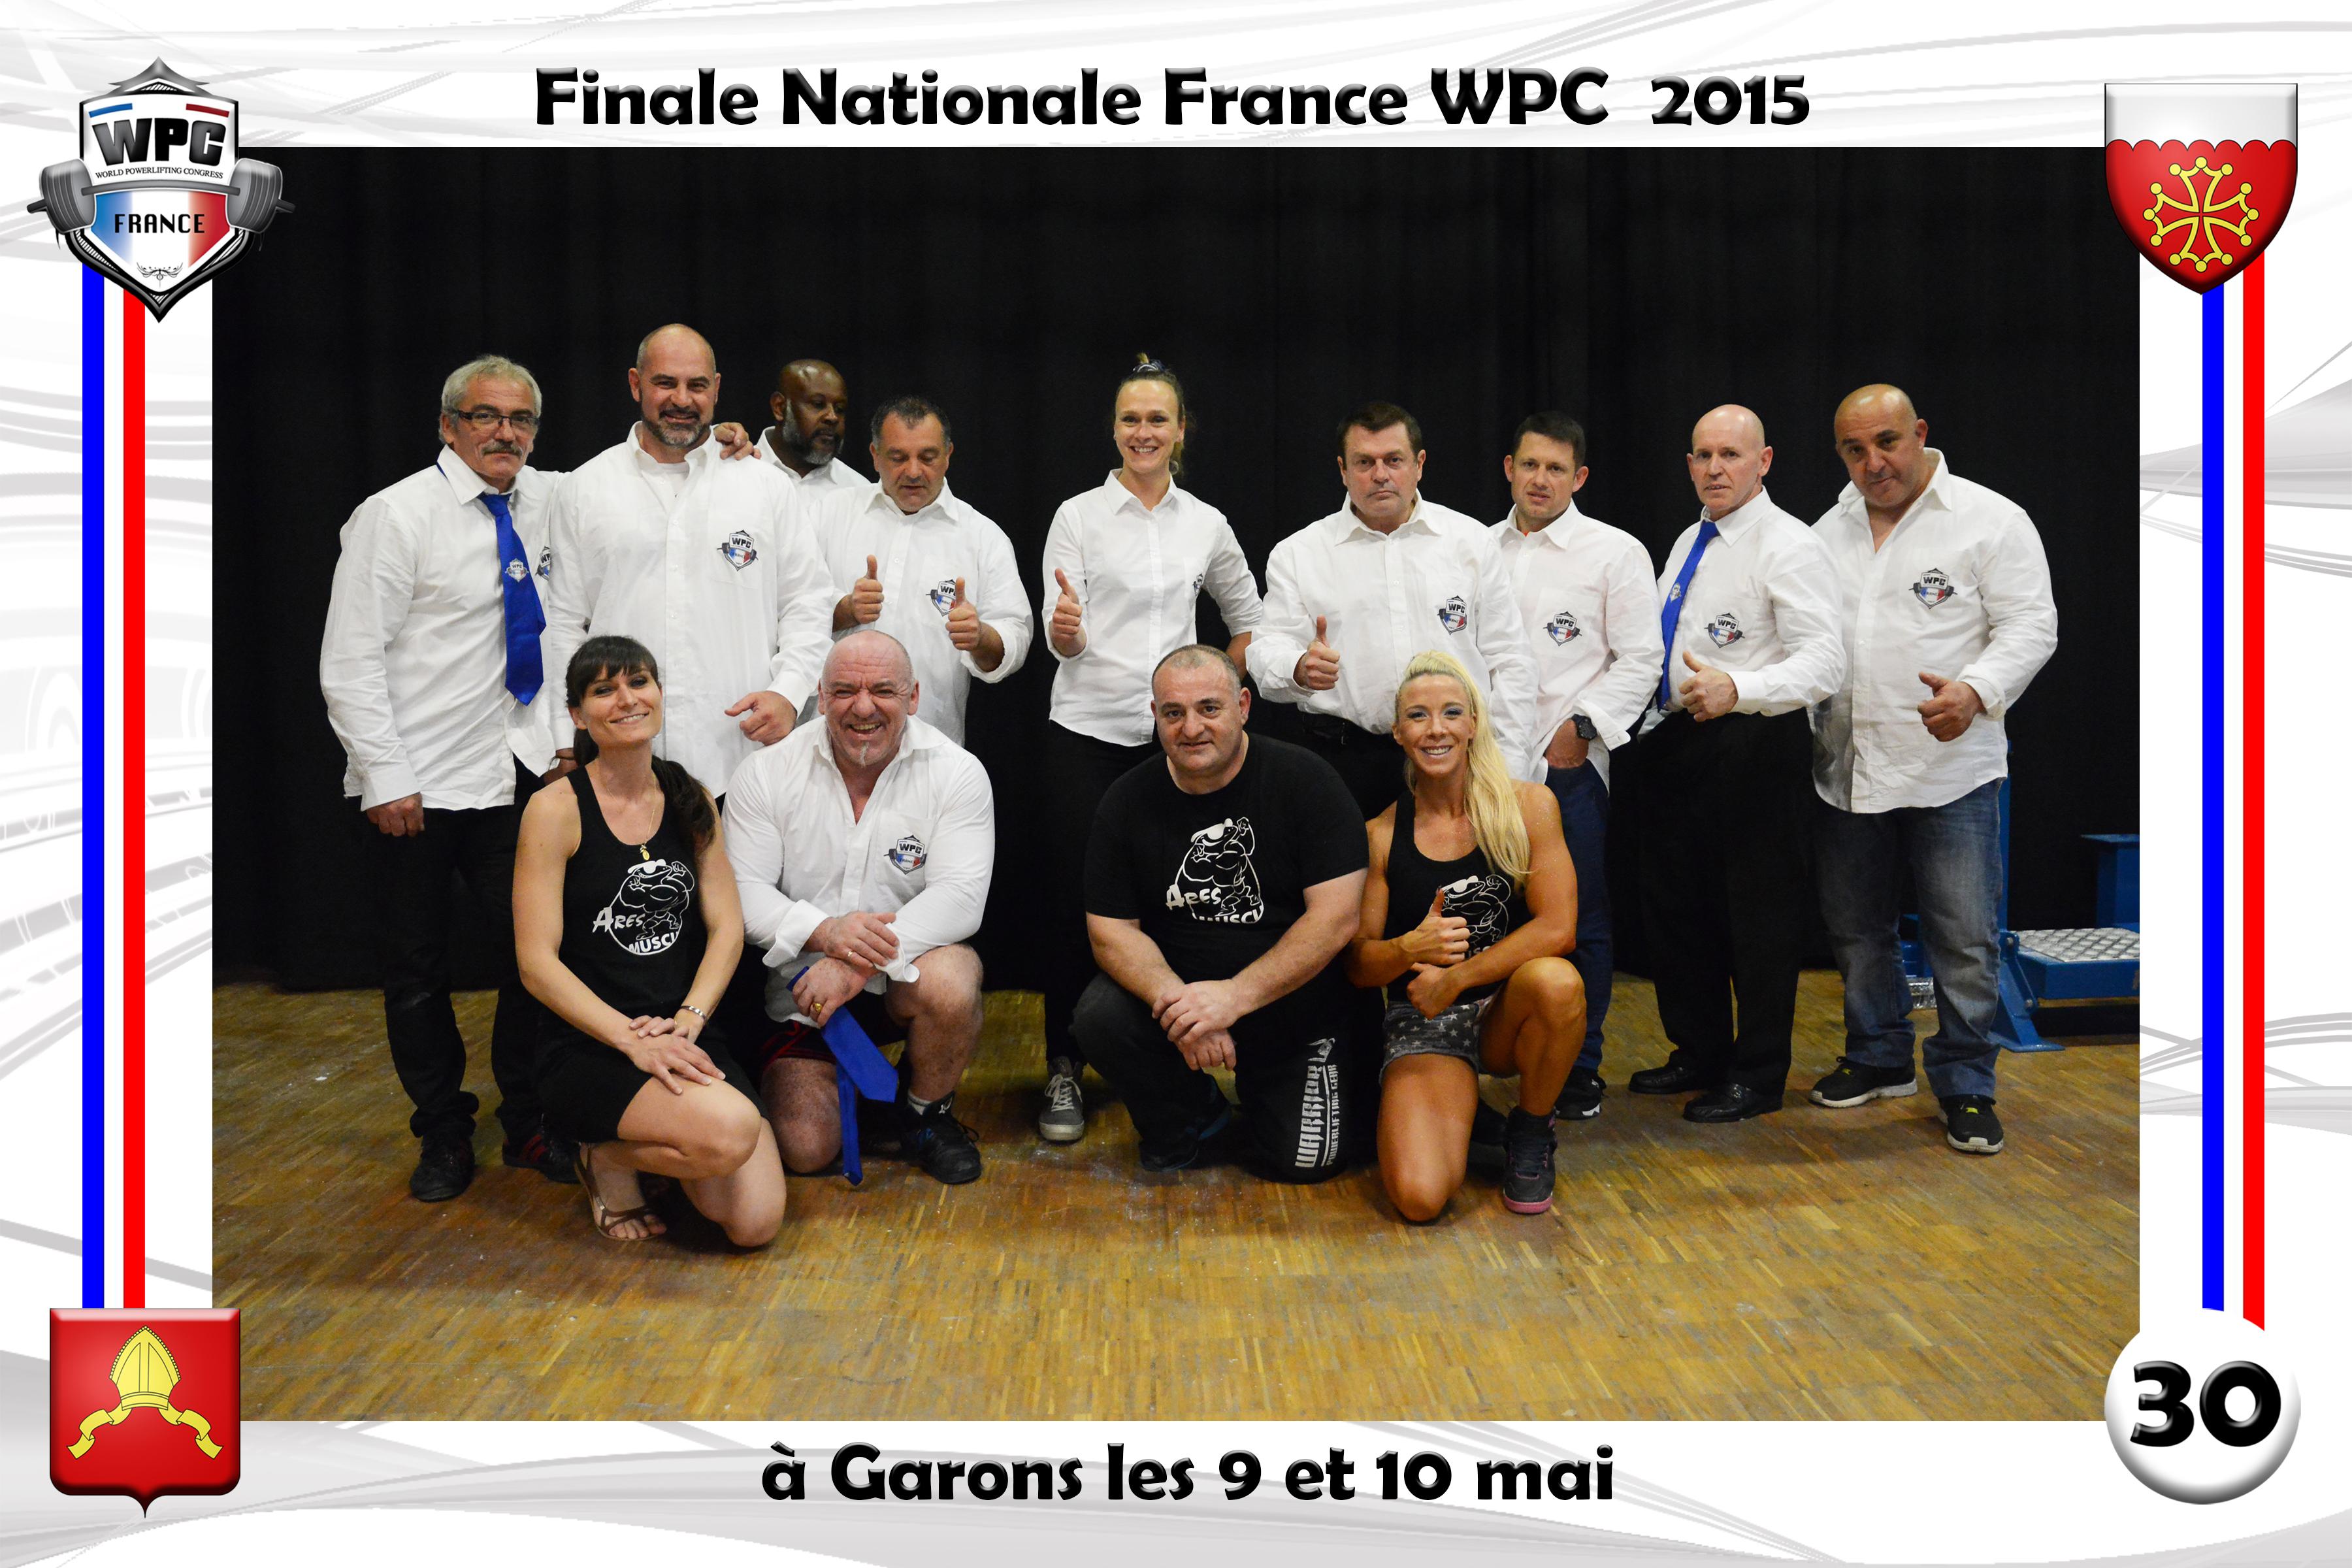 Finale France 2015 Garons  comité WPC France